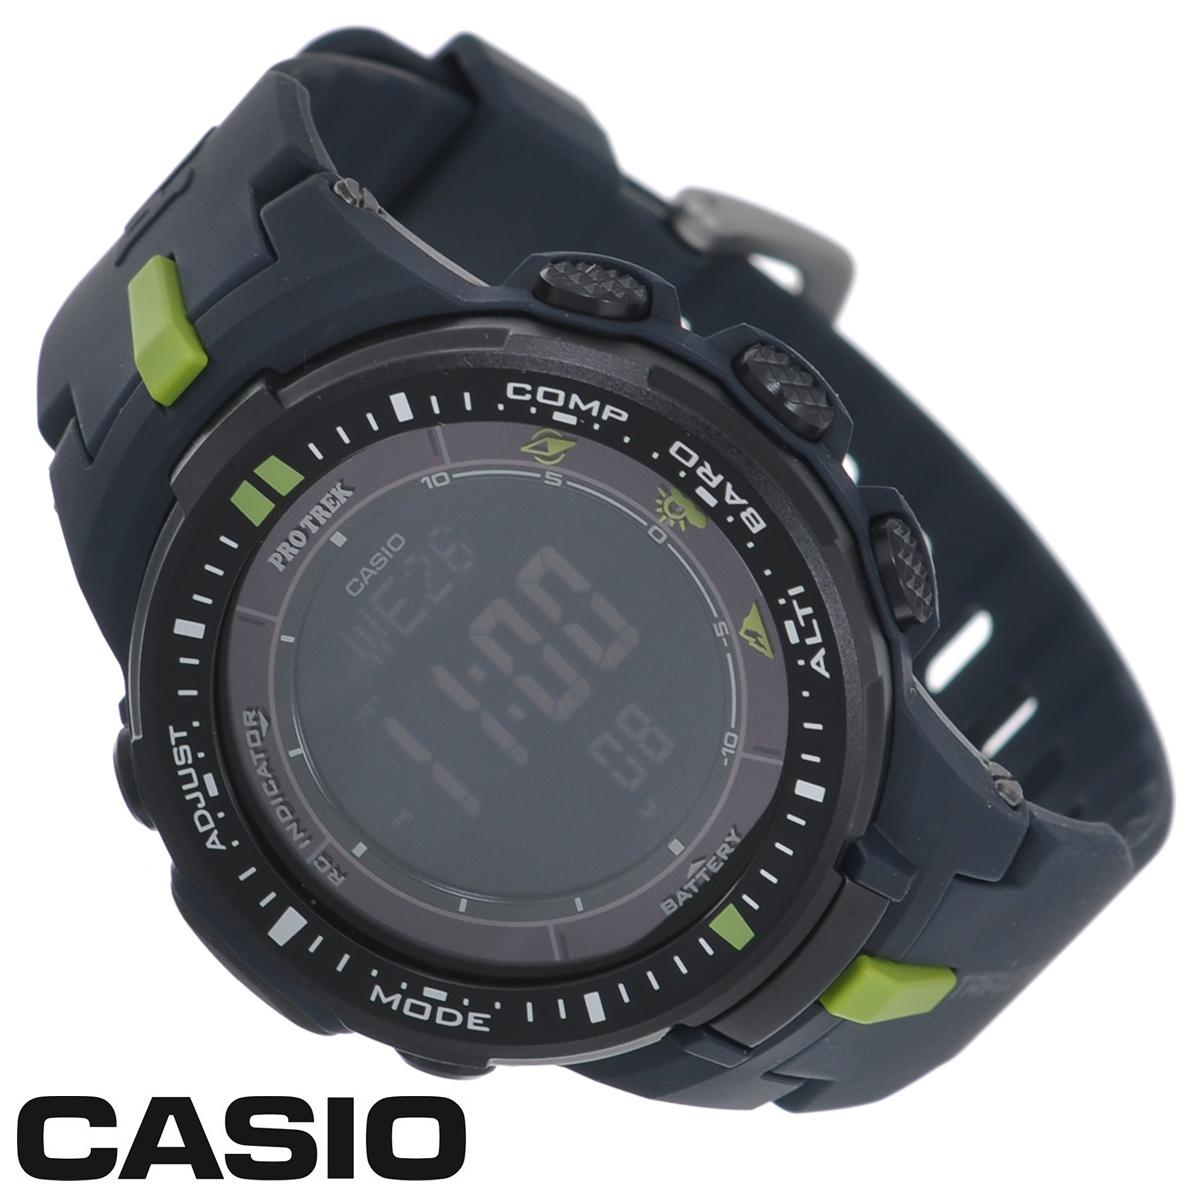 Часы мужские наручные Casio Protrek, цвет: темно-синий. PRW-3000-2EPRW-3000-2EСтильные кварцевые часы Protrek от японского брэнда Casio - это яркий функциональный аксессуар для современных людей, которые стремятся выделиться из толпы и подчеркнуть свою индивидуальность. Часы выполнены в спортивном стиле. Корпус выполнен из пластика и металлических элементов. Циферблат подсвечивается светодиодом, при недостаточном освещении во время поворота запястья в сторону лица подсветка включается автоматически. Ремешок из пластика имеет классическую застежку. Основные функции: - 5 будильников, один с функцией Snooze, ежечасный сигнал; - автоматический календарь (число, день недели, месяц, год); - секундомер с точностью показаний 1/10 с и временем измерения 1000 ч; - мировое время; - таймер обратного отсчета от 1 мин до 24 ч; - 12-ти и 24-х часовой формат времени; - встроенный цифровой компас; - функция автоматического сохранения энергии; - высотомер -...